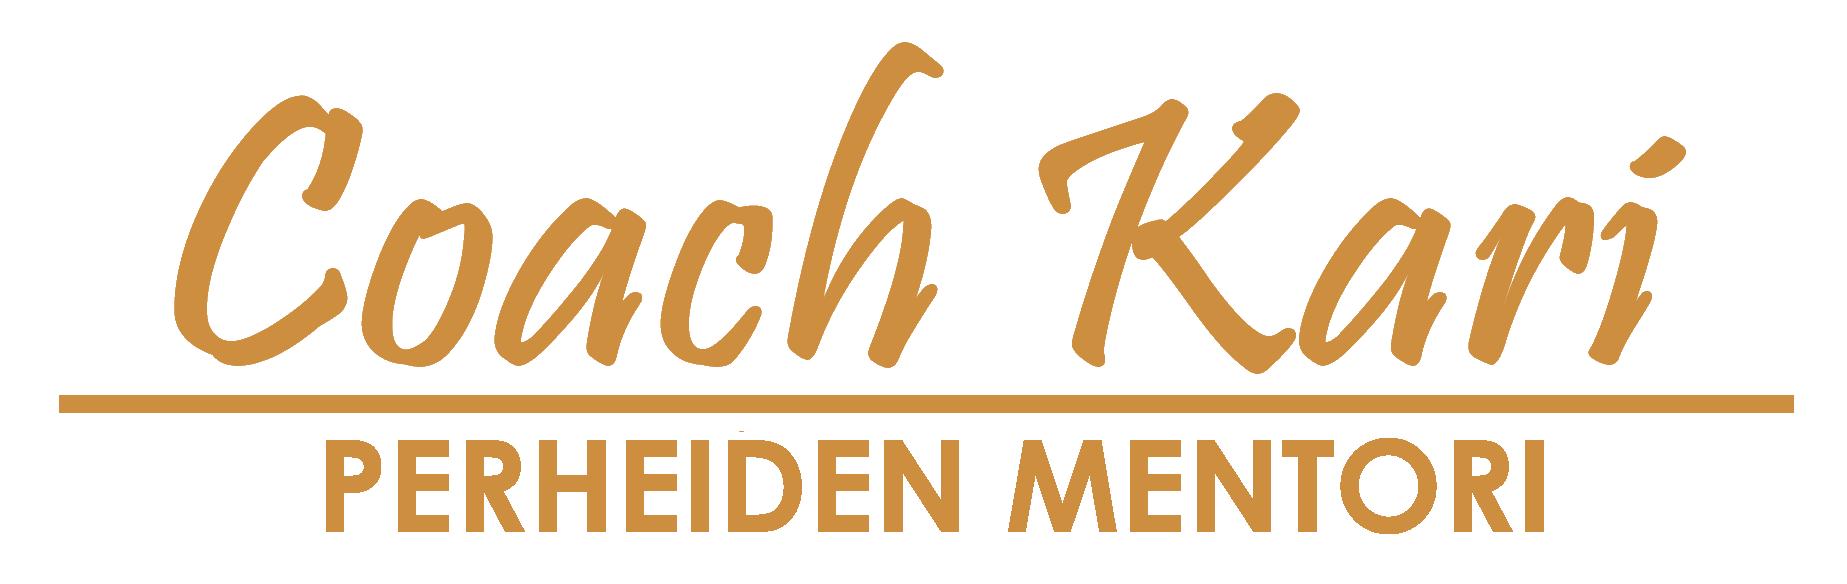 Coach Kari